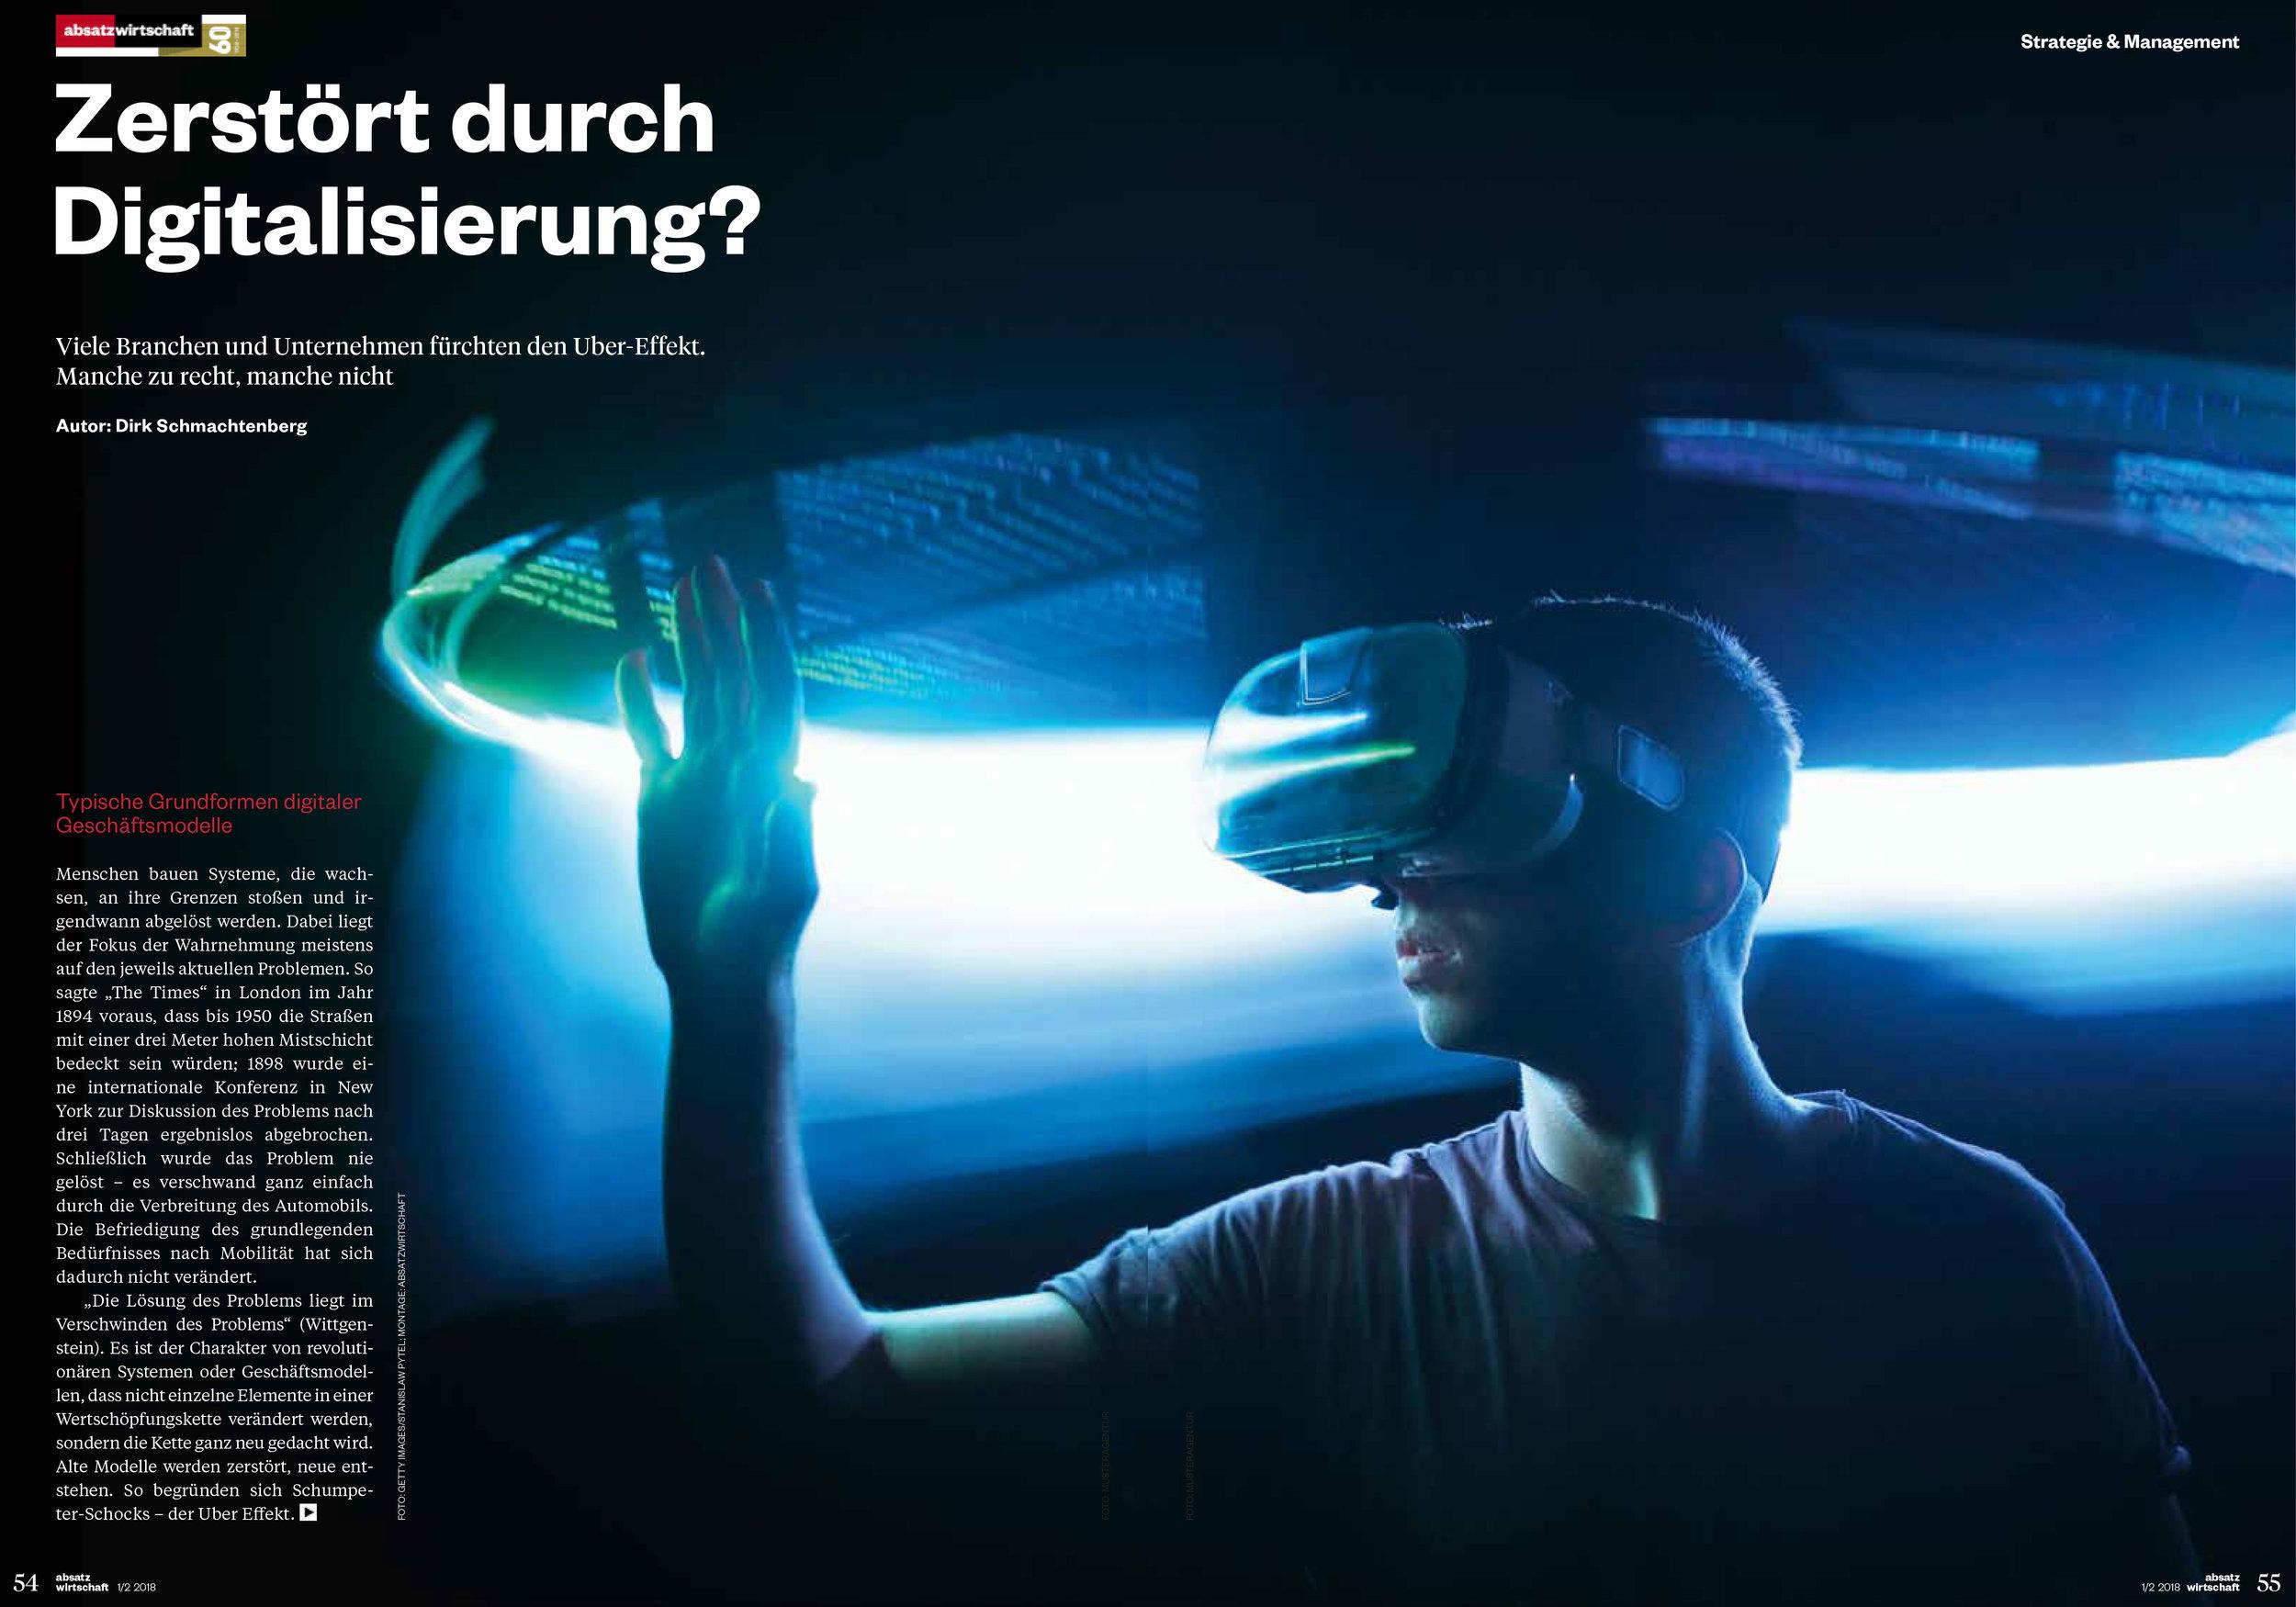 Zerstoert_durch_Digitalisierung-Coverbild.jpg